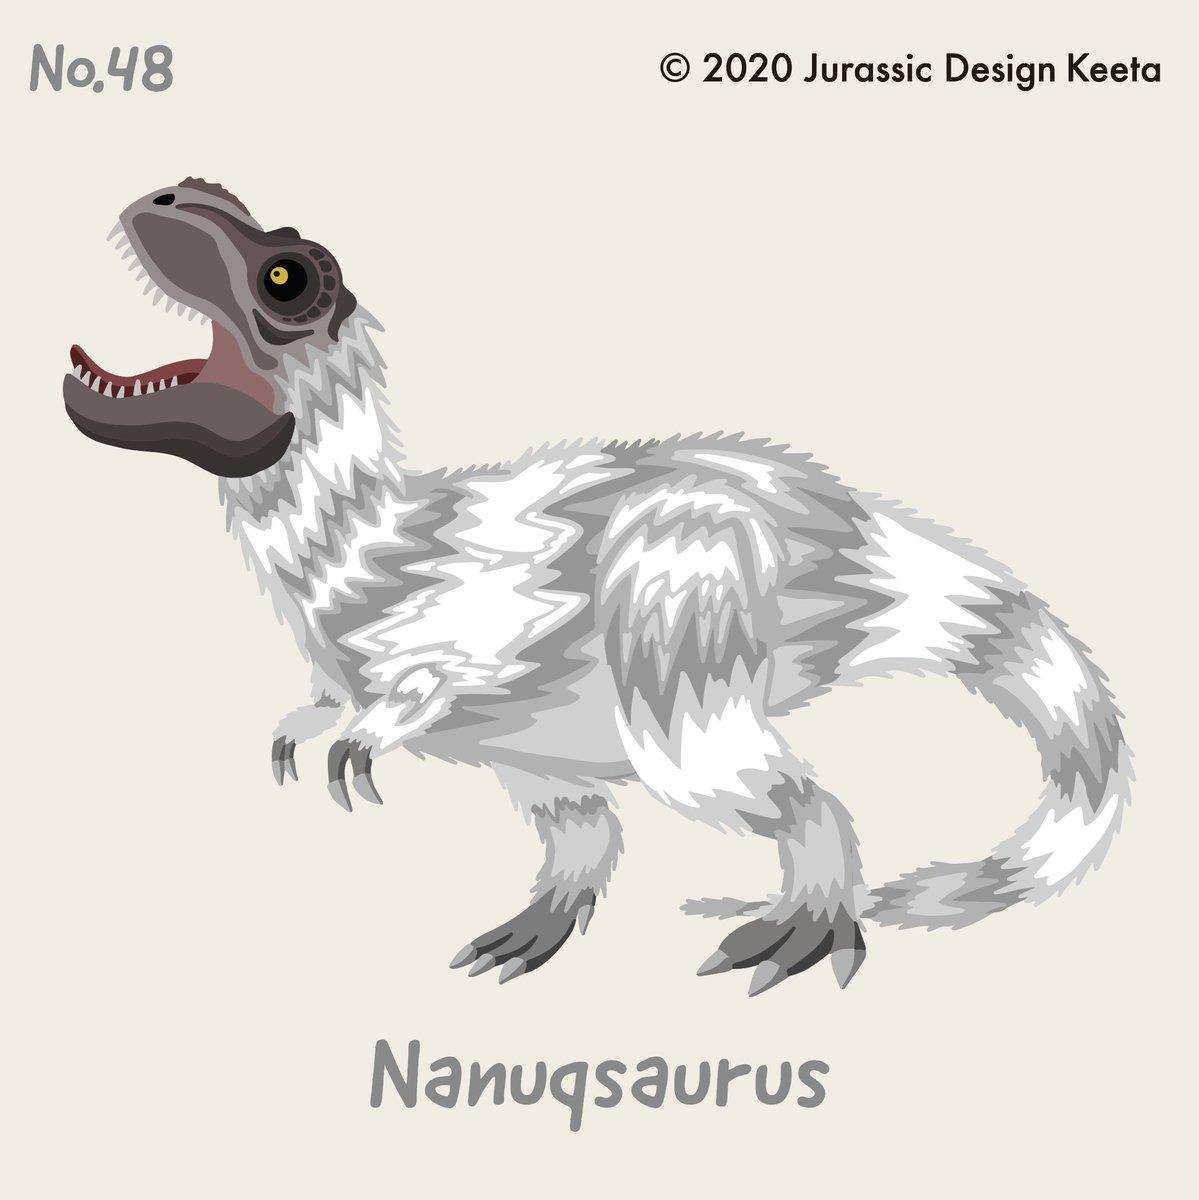 test ツイッターメディア - No.048❗️ Nanuqsaurus🌵 ナヌークサウルス🦖 ・ 極寒の地で生息していたため 羽毛が生えていたんじゃないかと言われているヤツ🦖 ・ 先週から公開の ダーウィンが来た!恐竜超伝説 でも出てくる恐竜!これから人気出るかも🤔 #ナヌークサウルス #Nanuqsaurus #恐竜 #dinosaur https://t.co/FKLbPjED9W